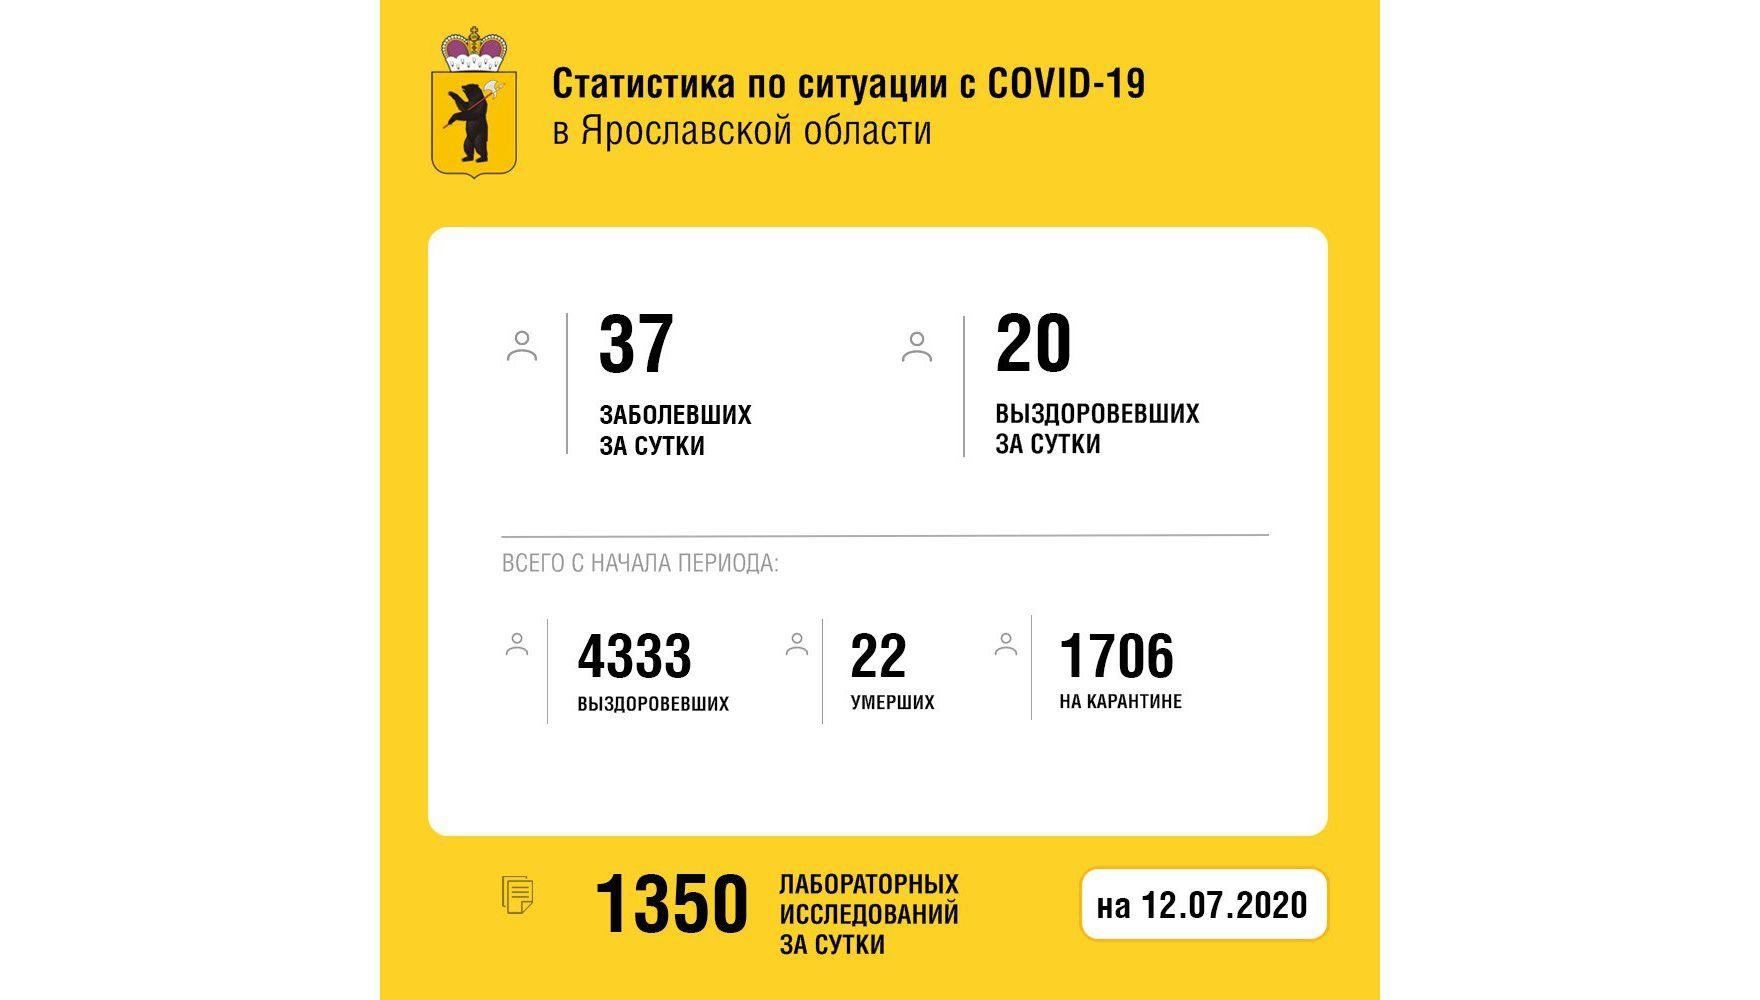 В Ярославской области вылечили от коронавируса еще 20 человек